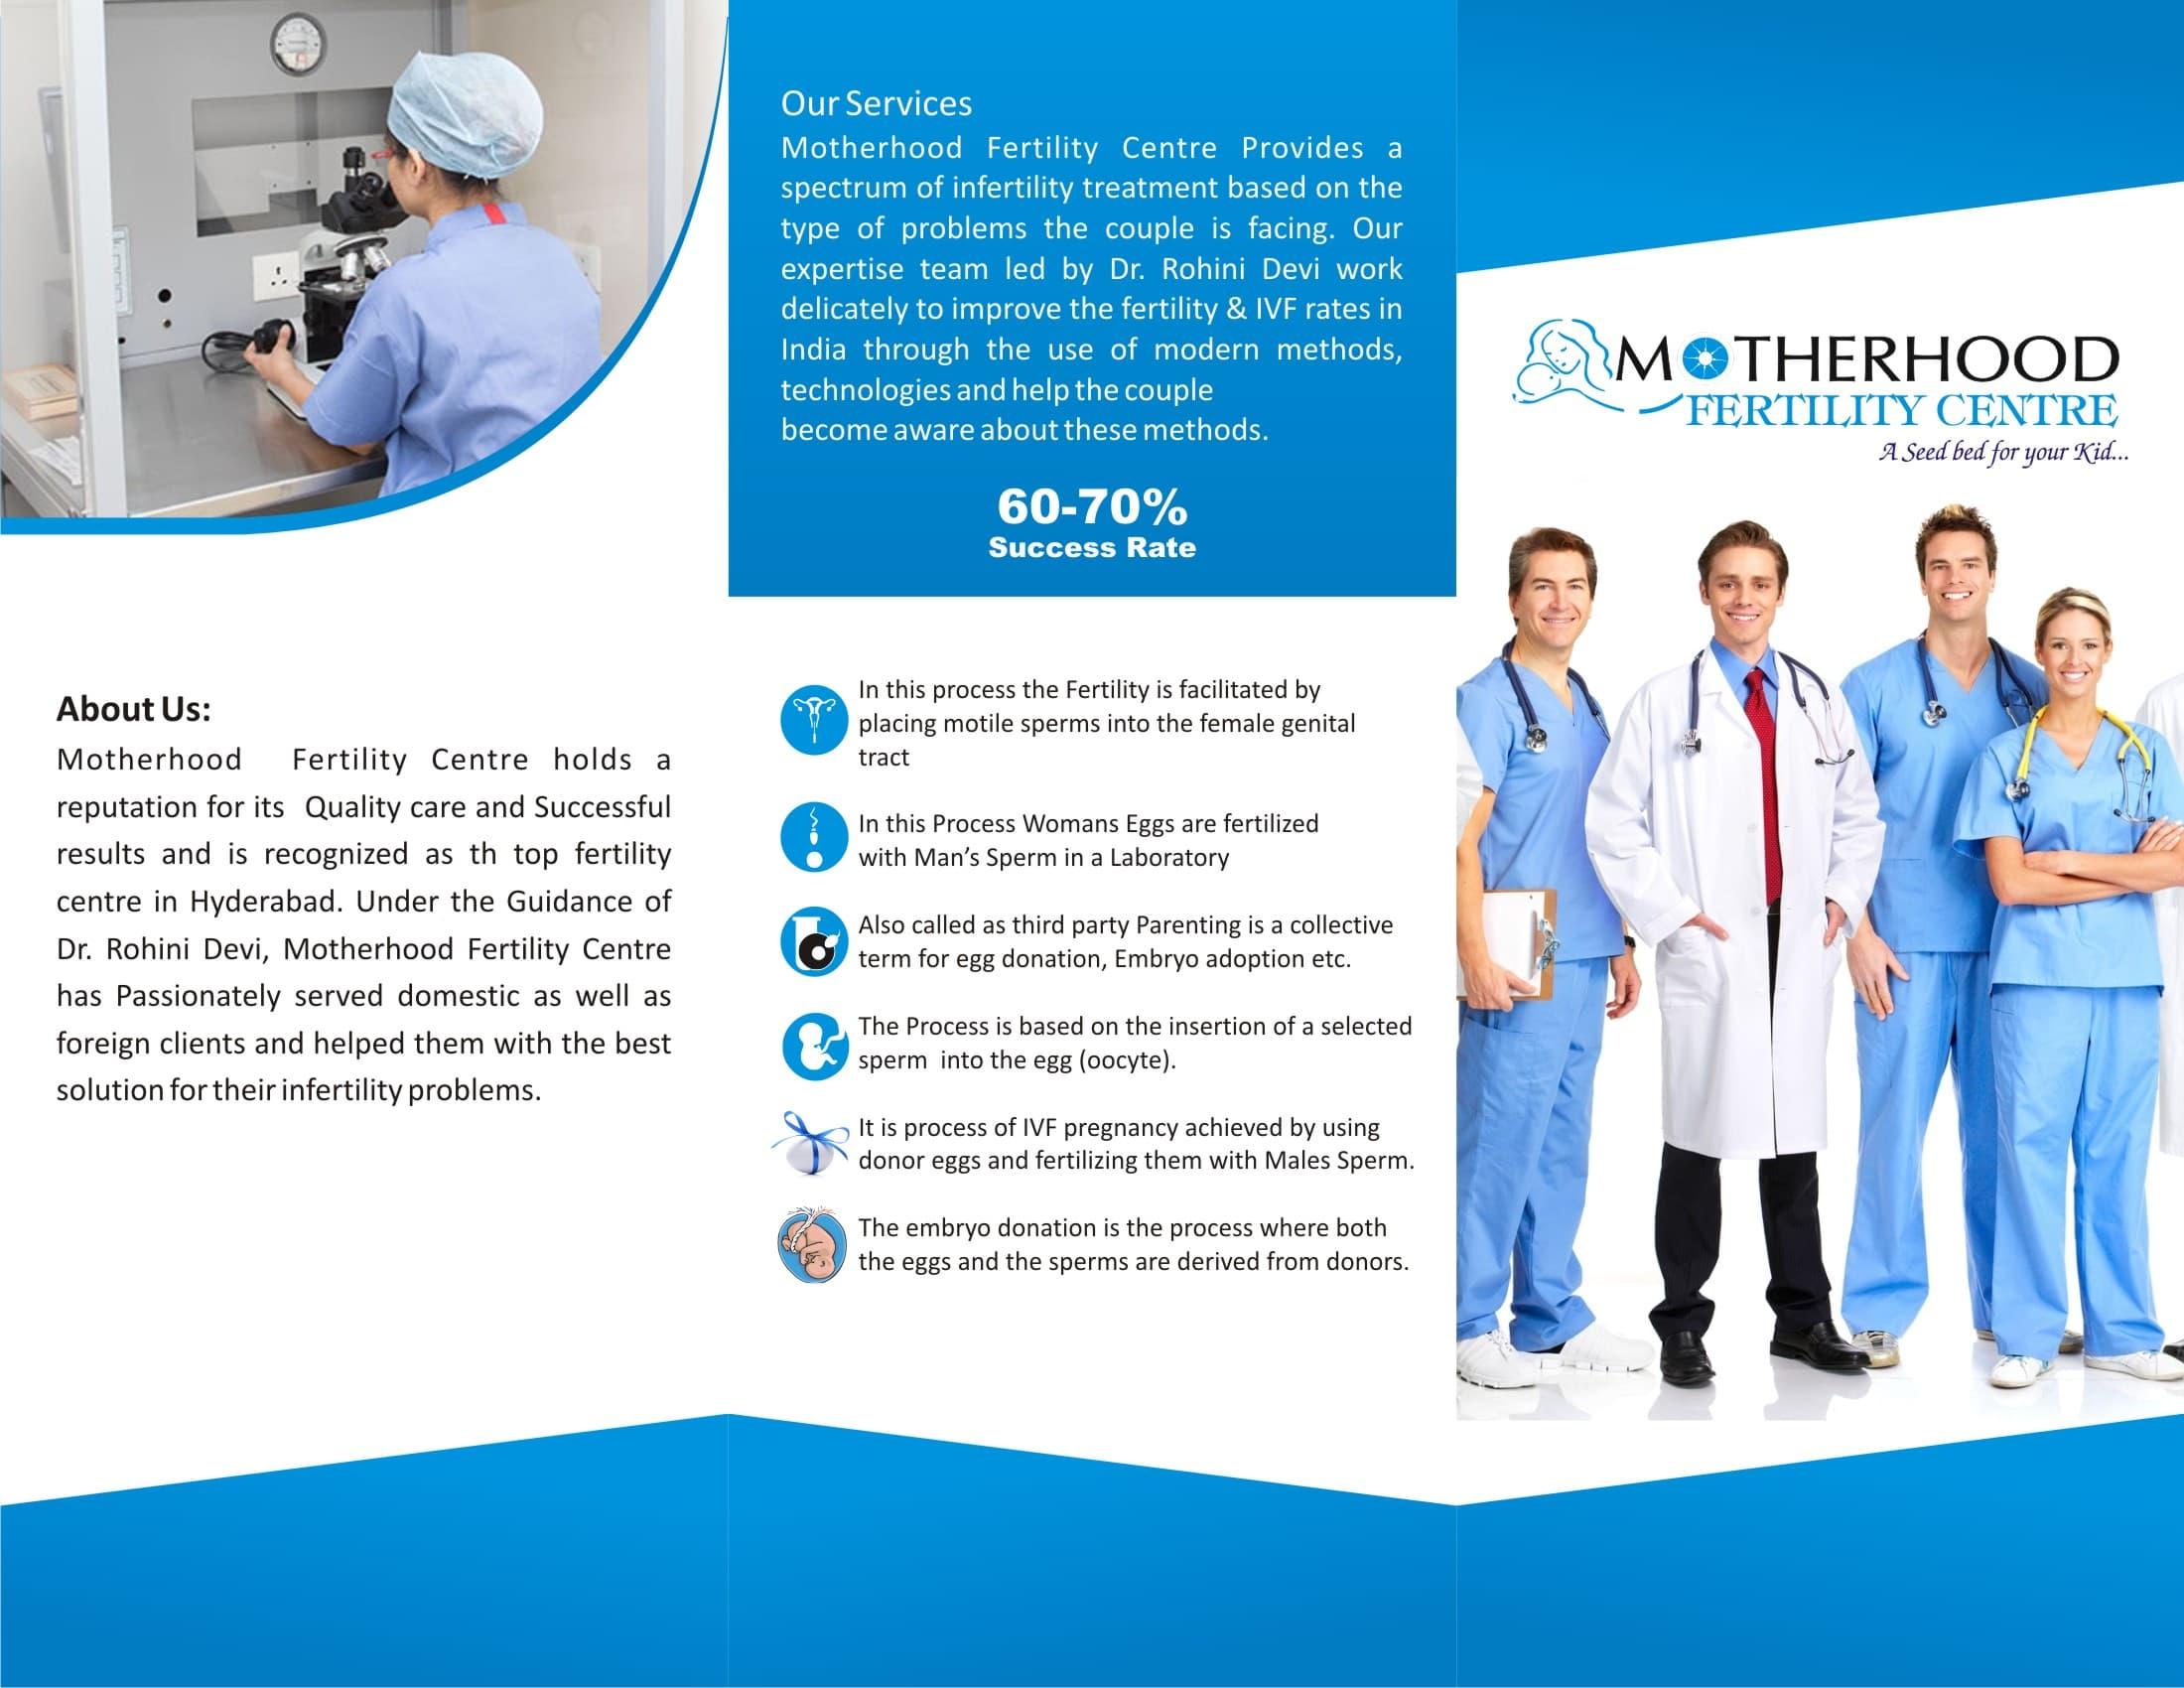 Broucher of motherhood infertility center